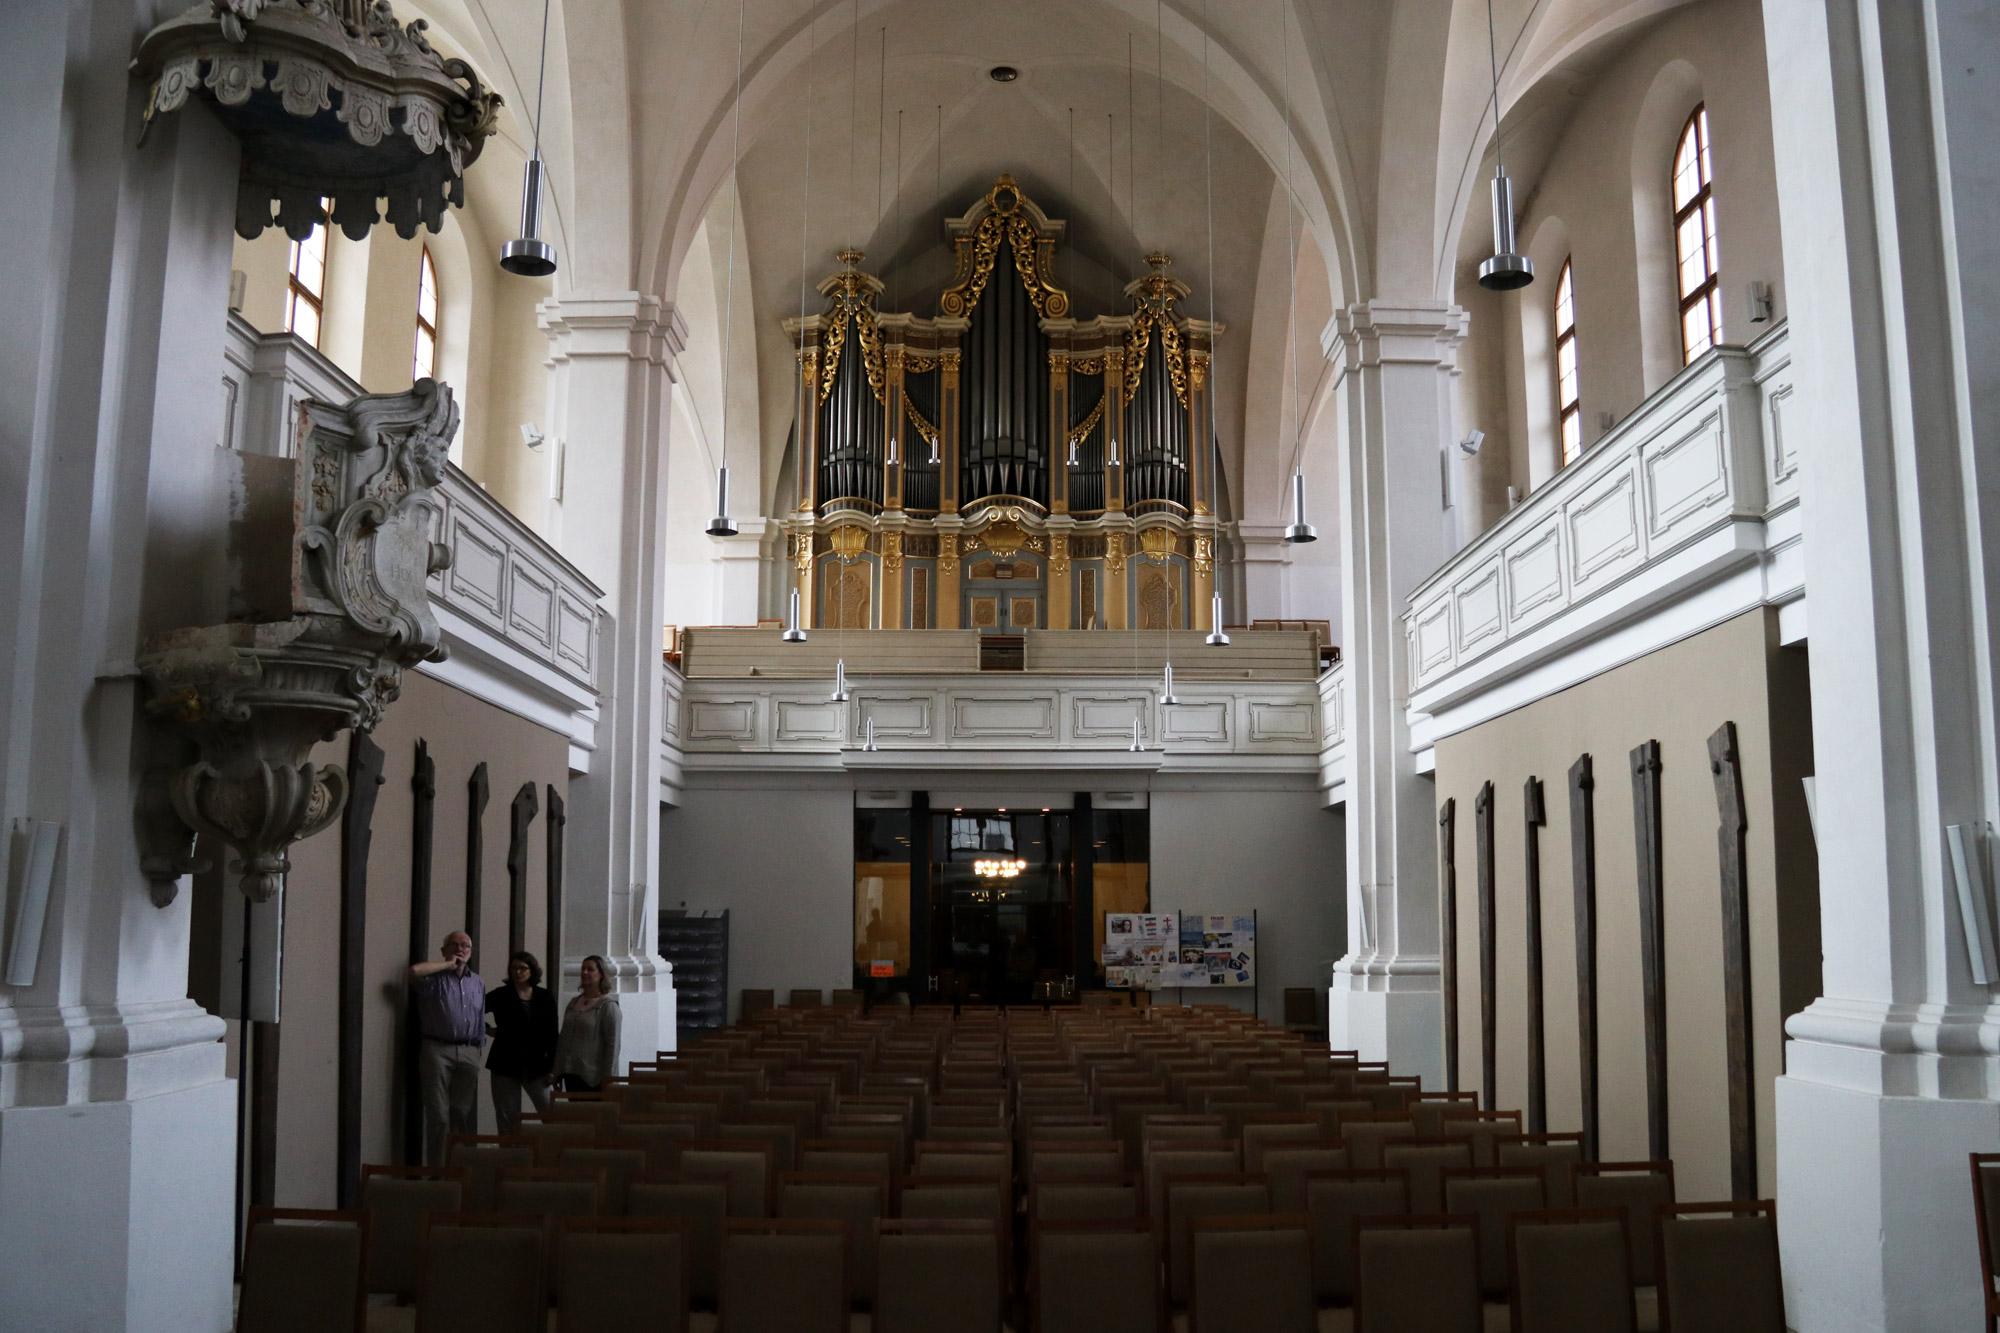 Freiberg, de zilverstad in Saksen - Petrikirche